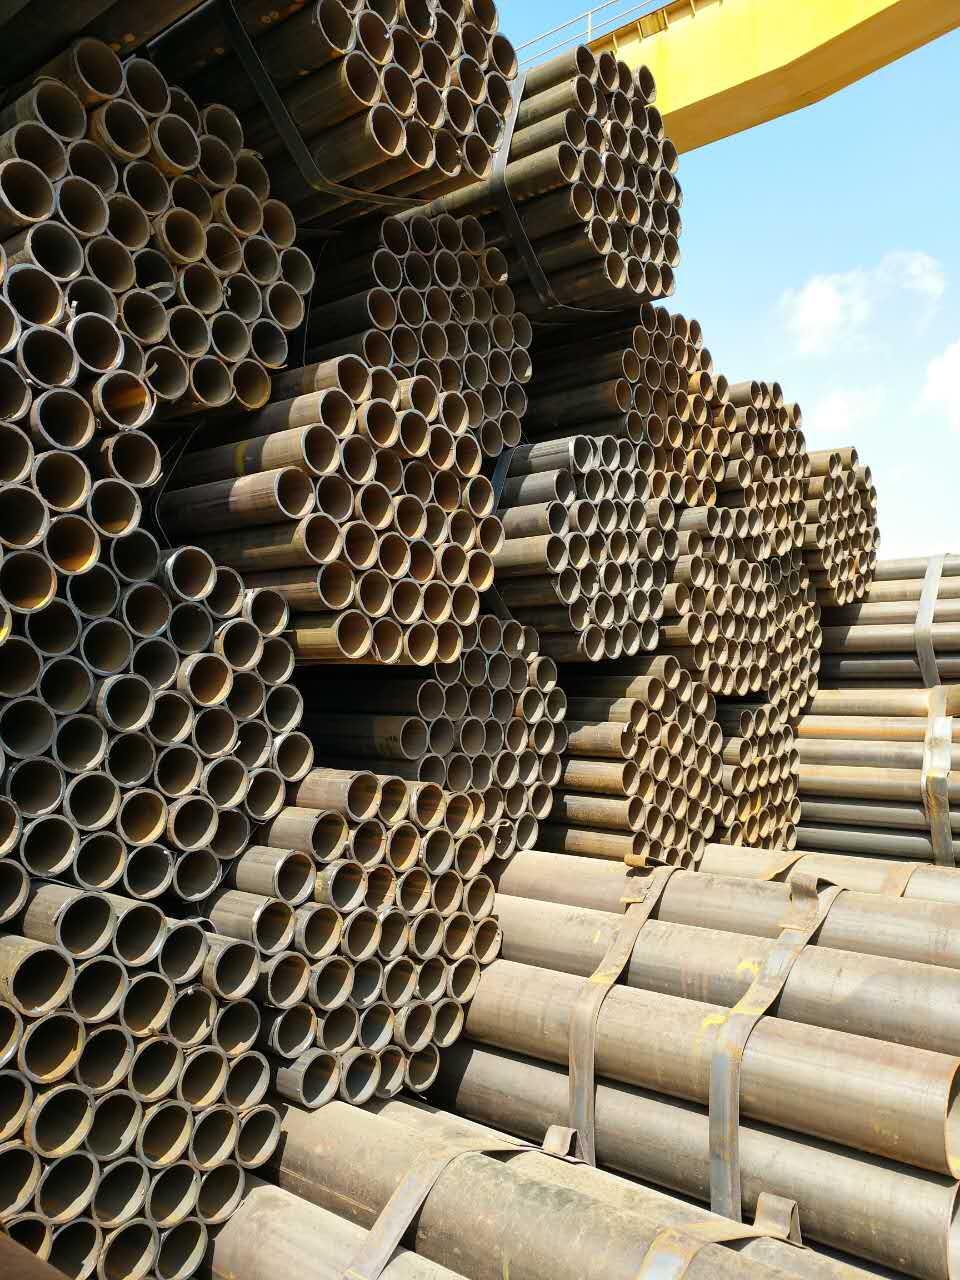 云南钢材批发厂家分析钢材验收时需要注意哪些事项